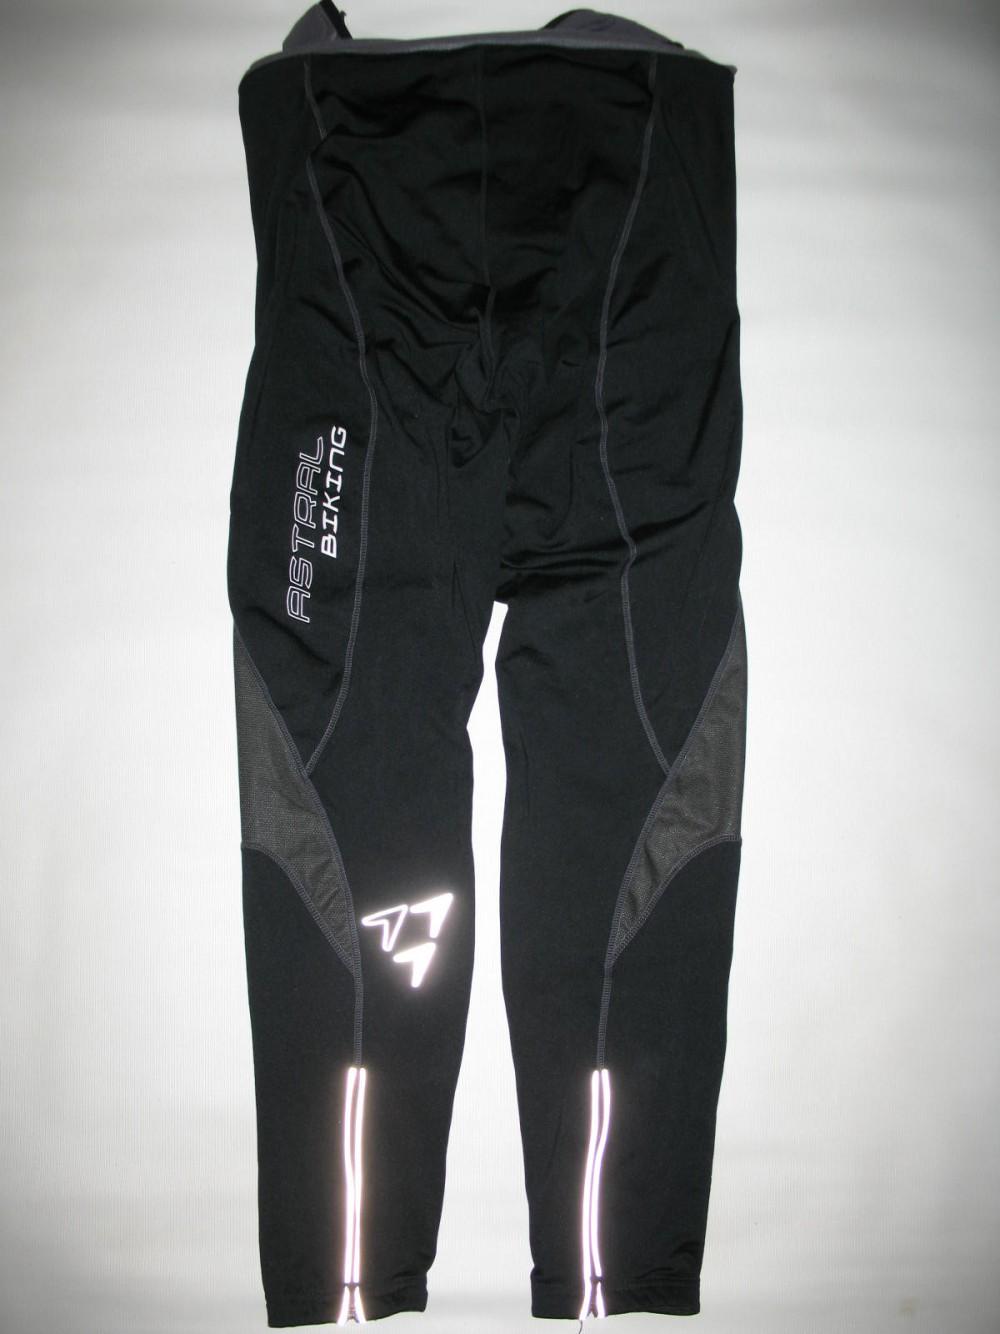 Велобрюки ASTRAL biking bib tight long pants (размер XL/XXL) - 3